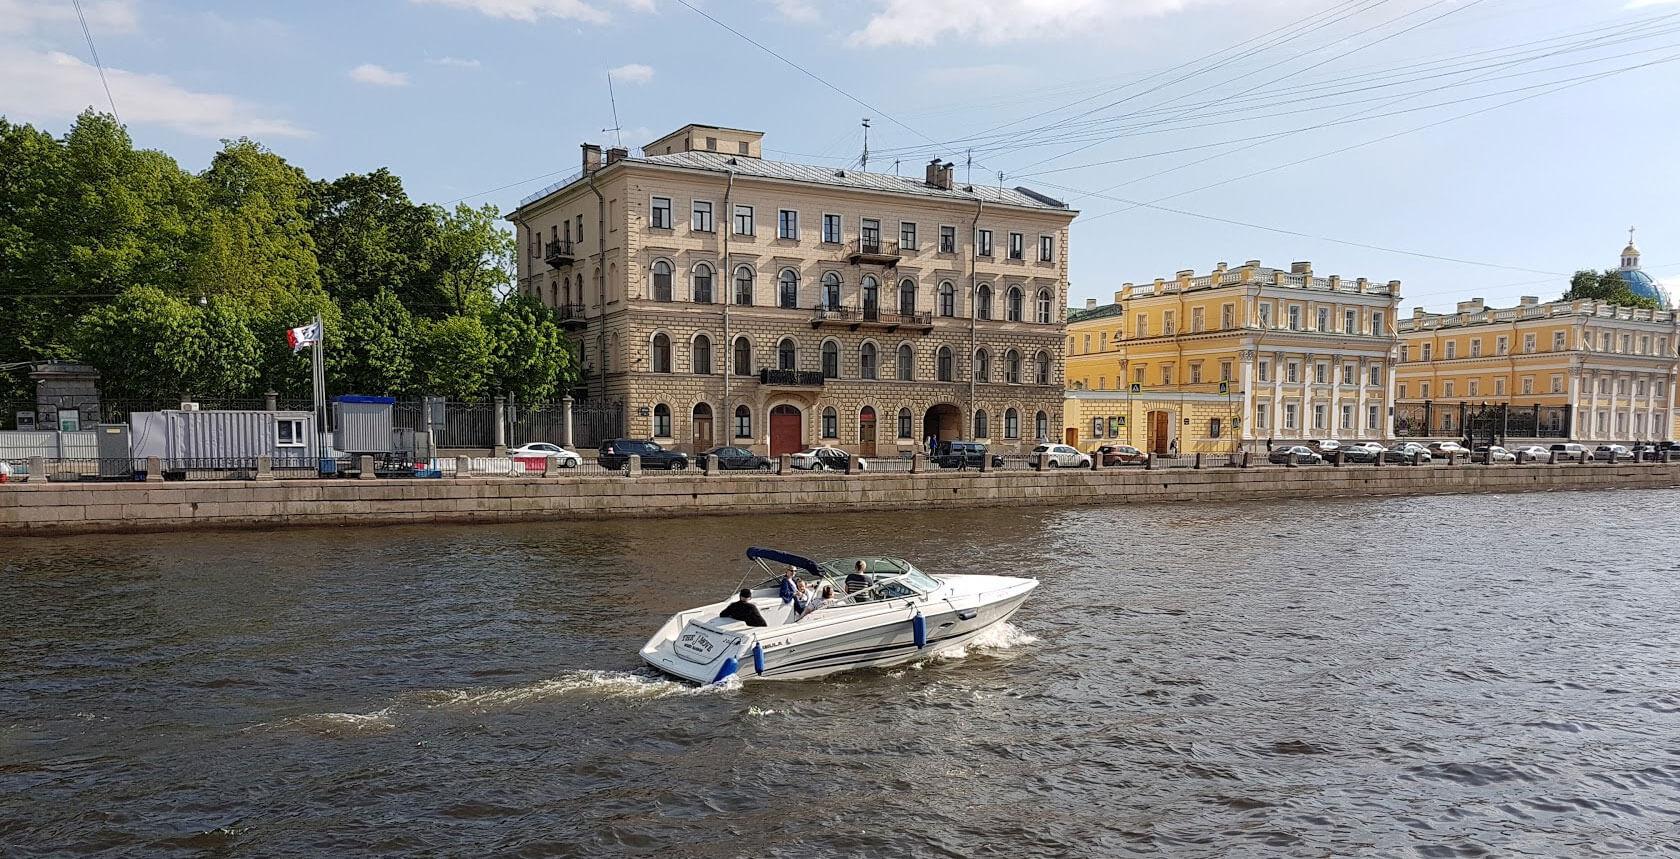 Снять катер в СПб недорого по звонку